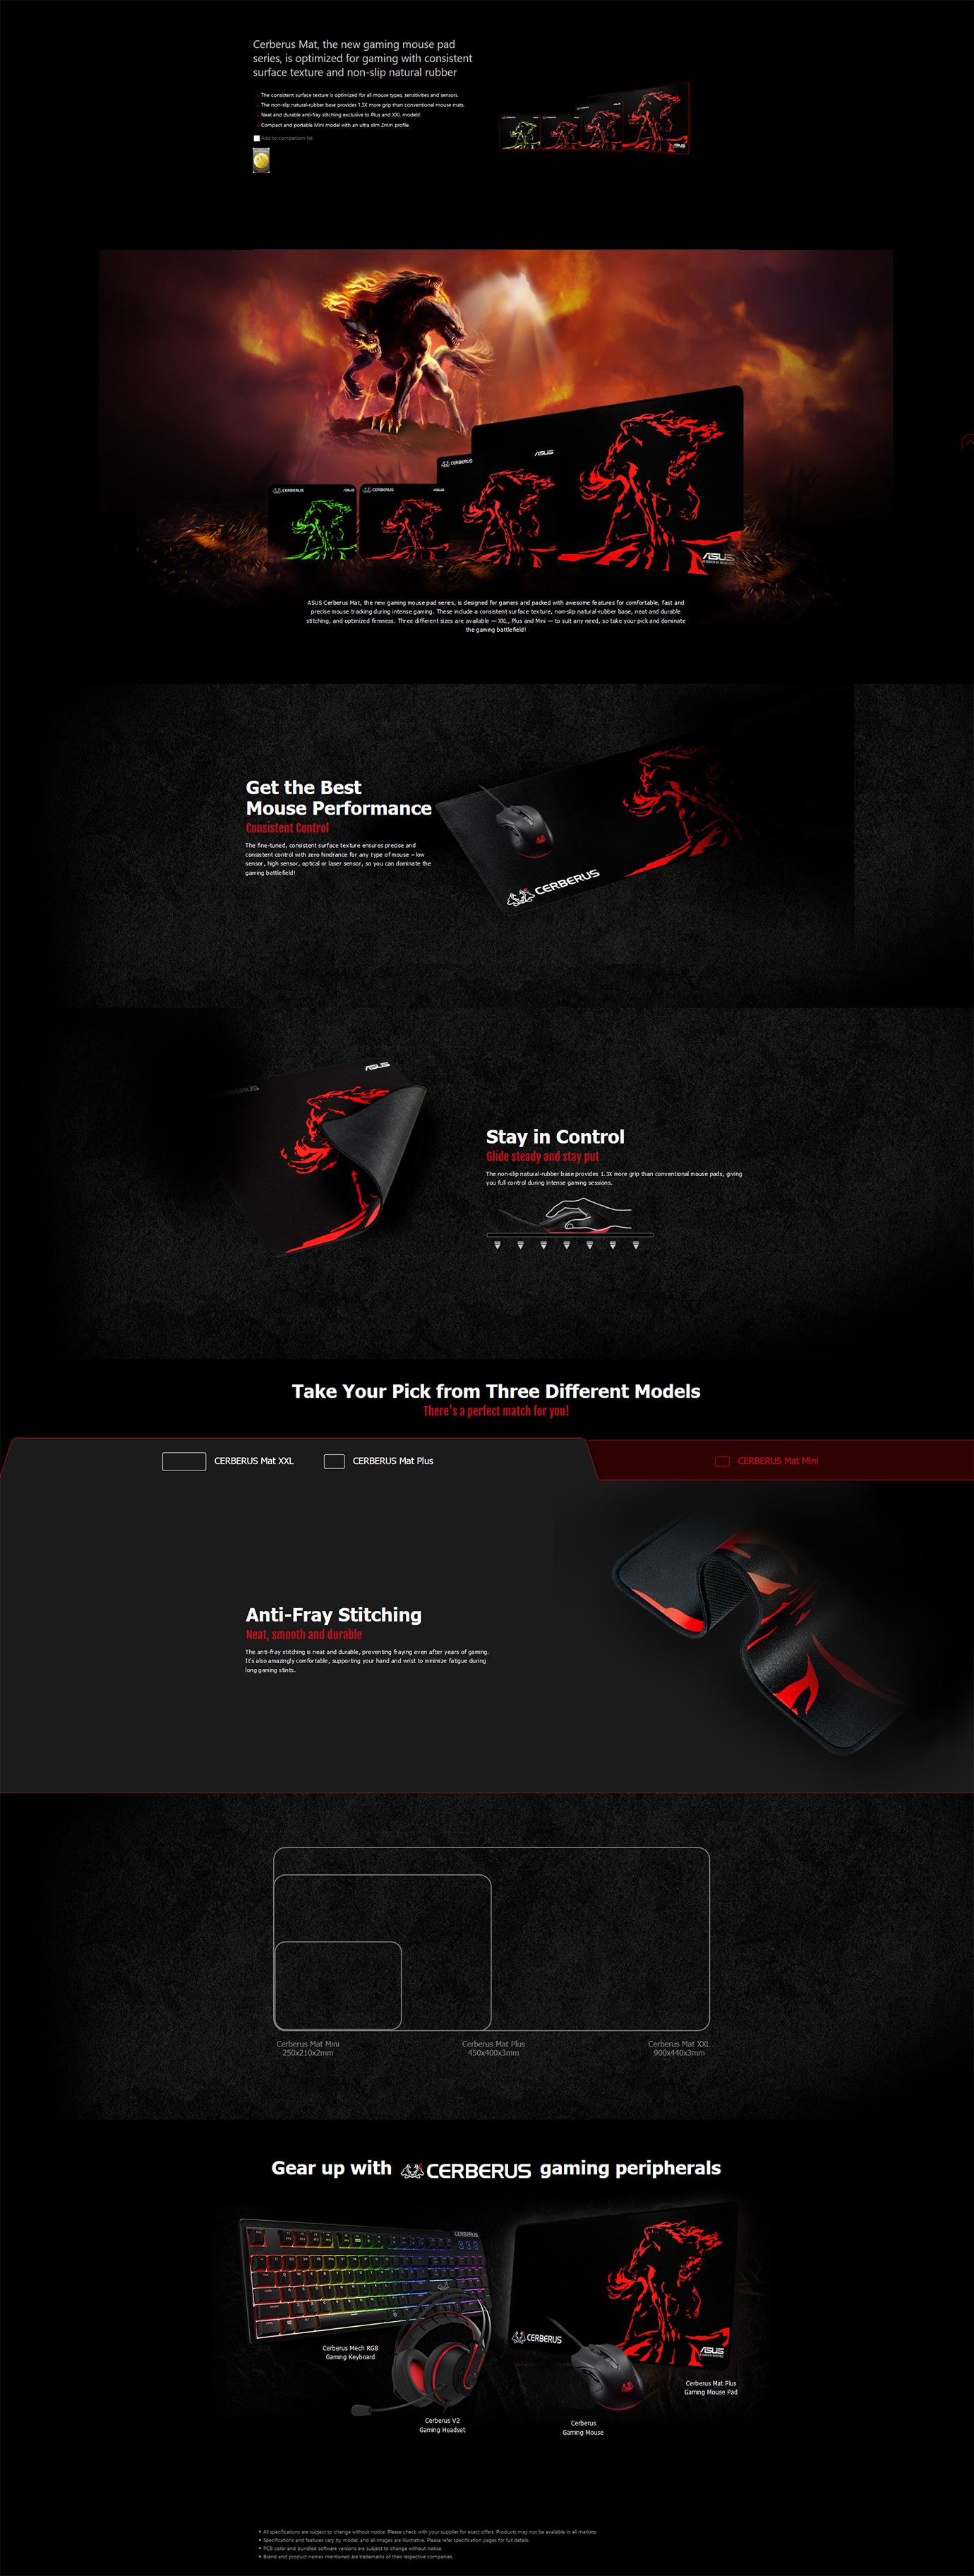 ASUS Cerberus Gaming Mouse Mat